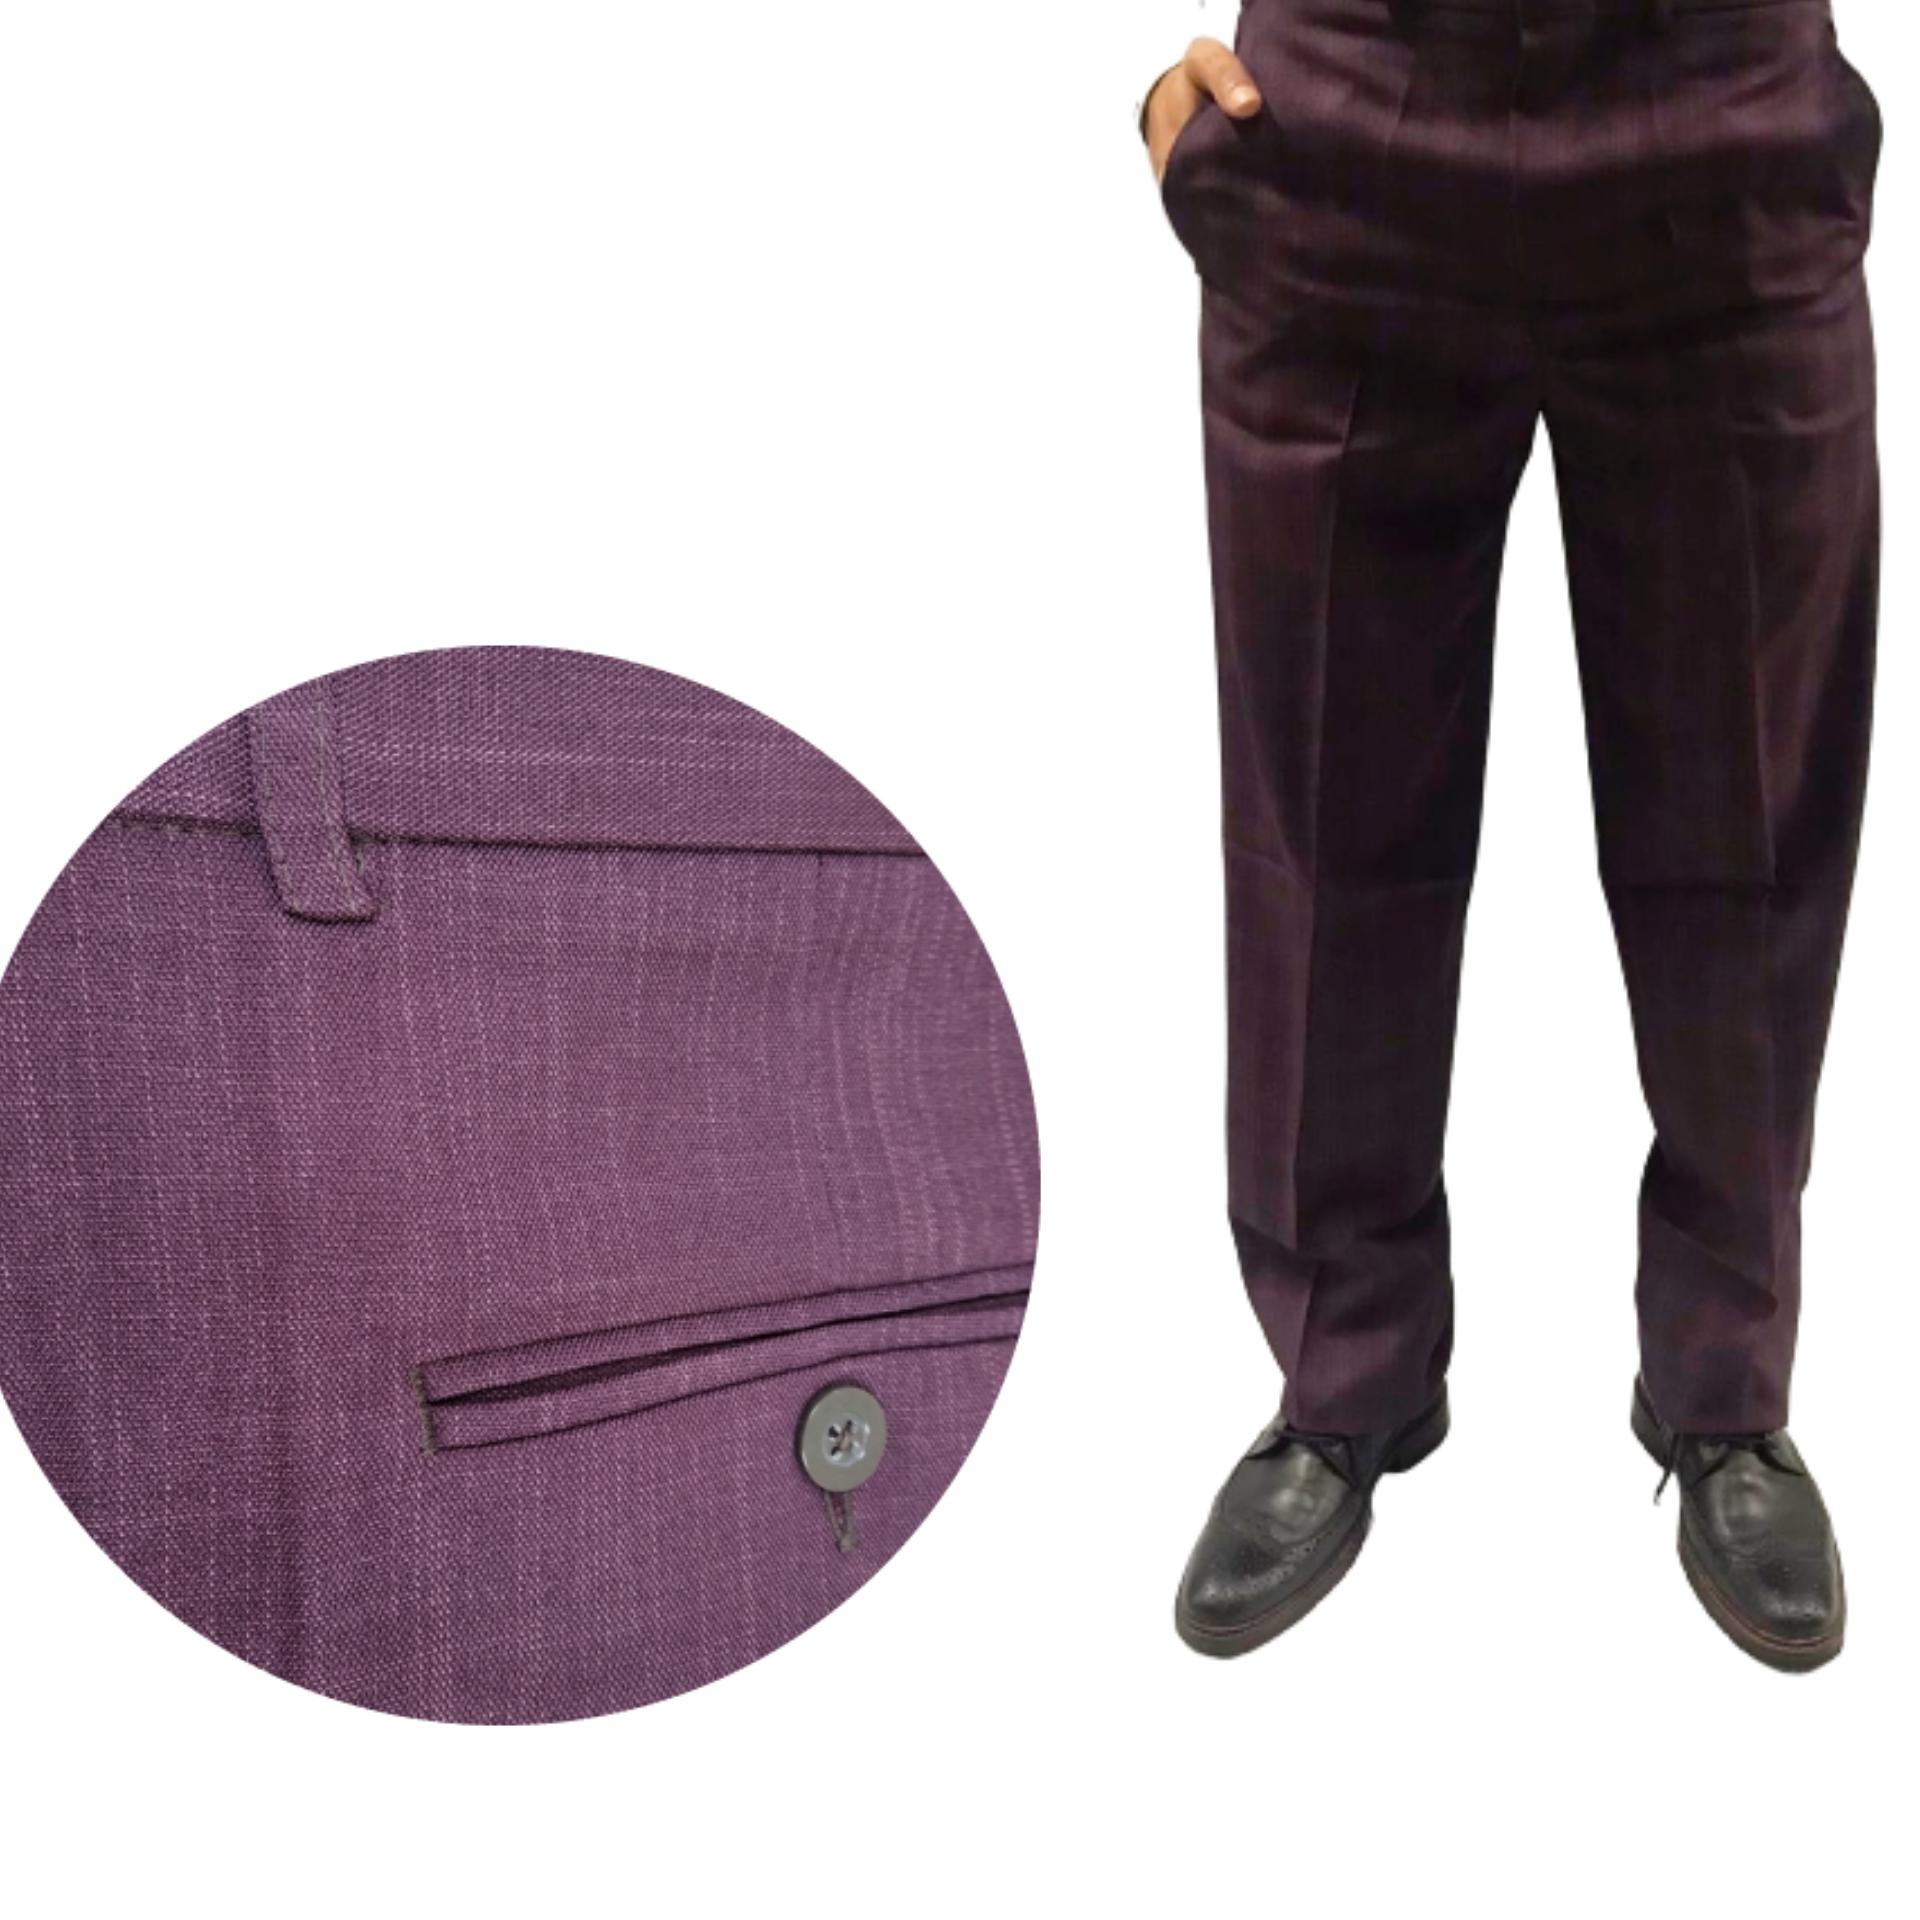 calça social cor uva